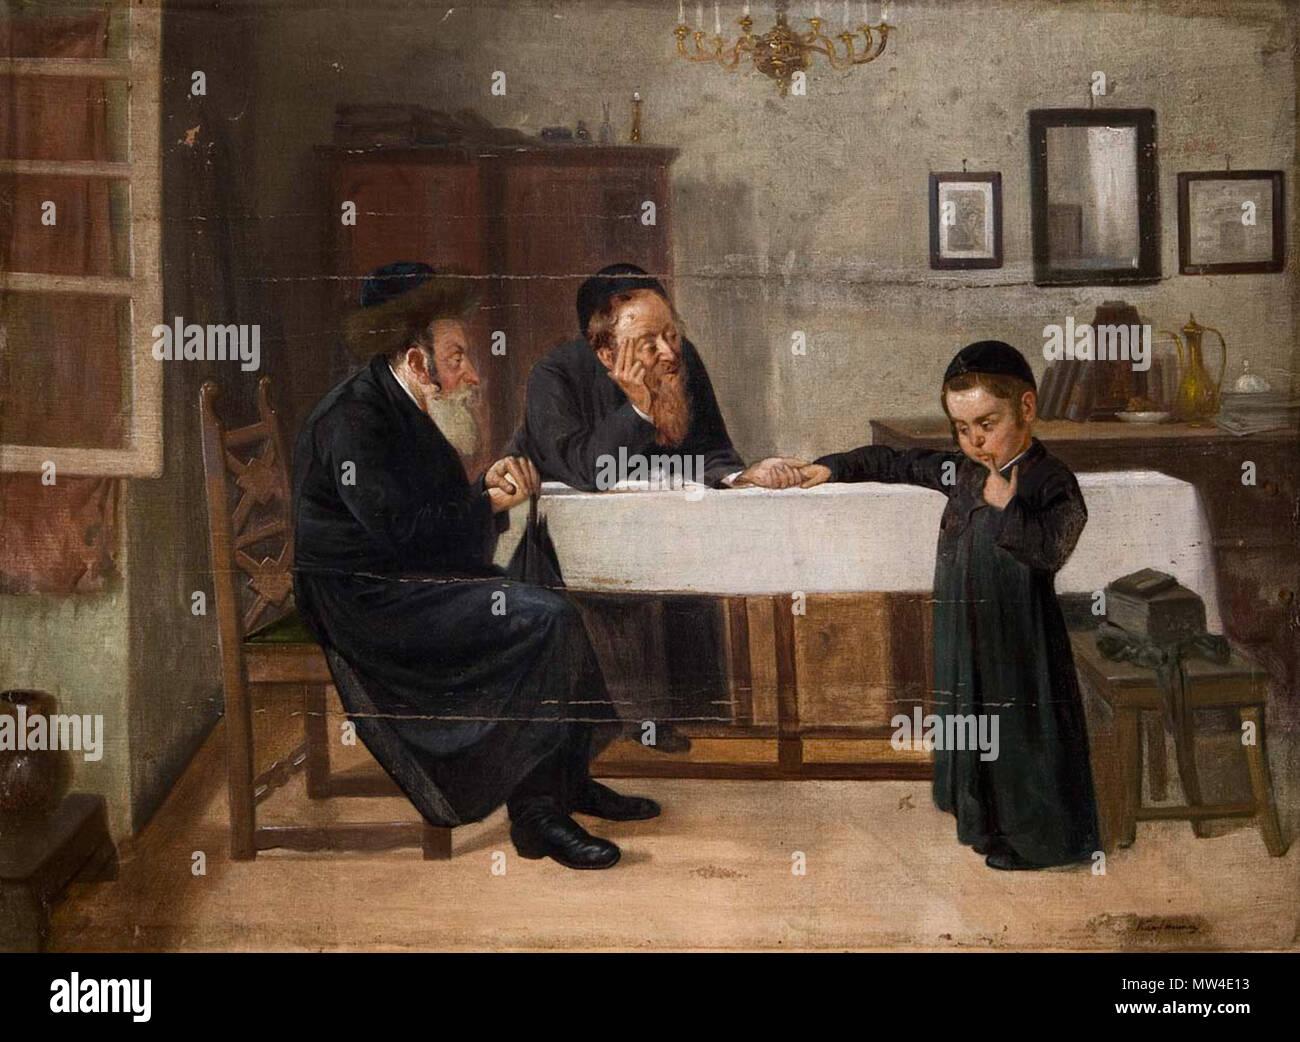 . Interieur mit Rabbiner, Vater und Sohn. Öl auf Leinwand, undeutlich signiert, 73.5 x 100.5 cm 671 Interieur mit Rabbiner Vater und Sohn Stock Photo